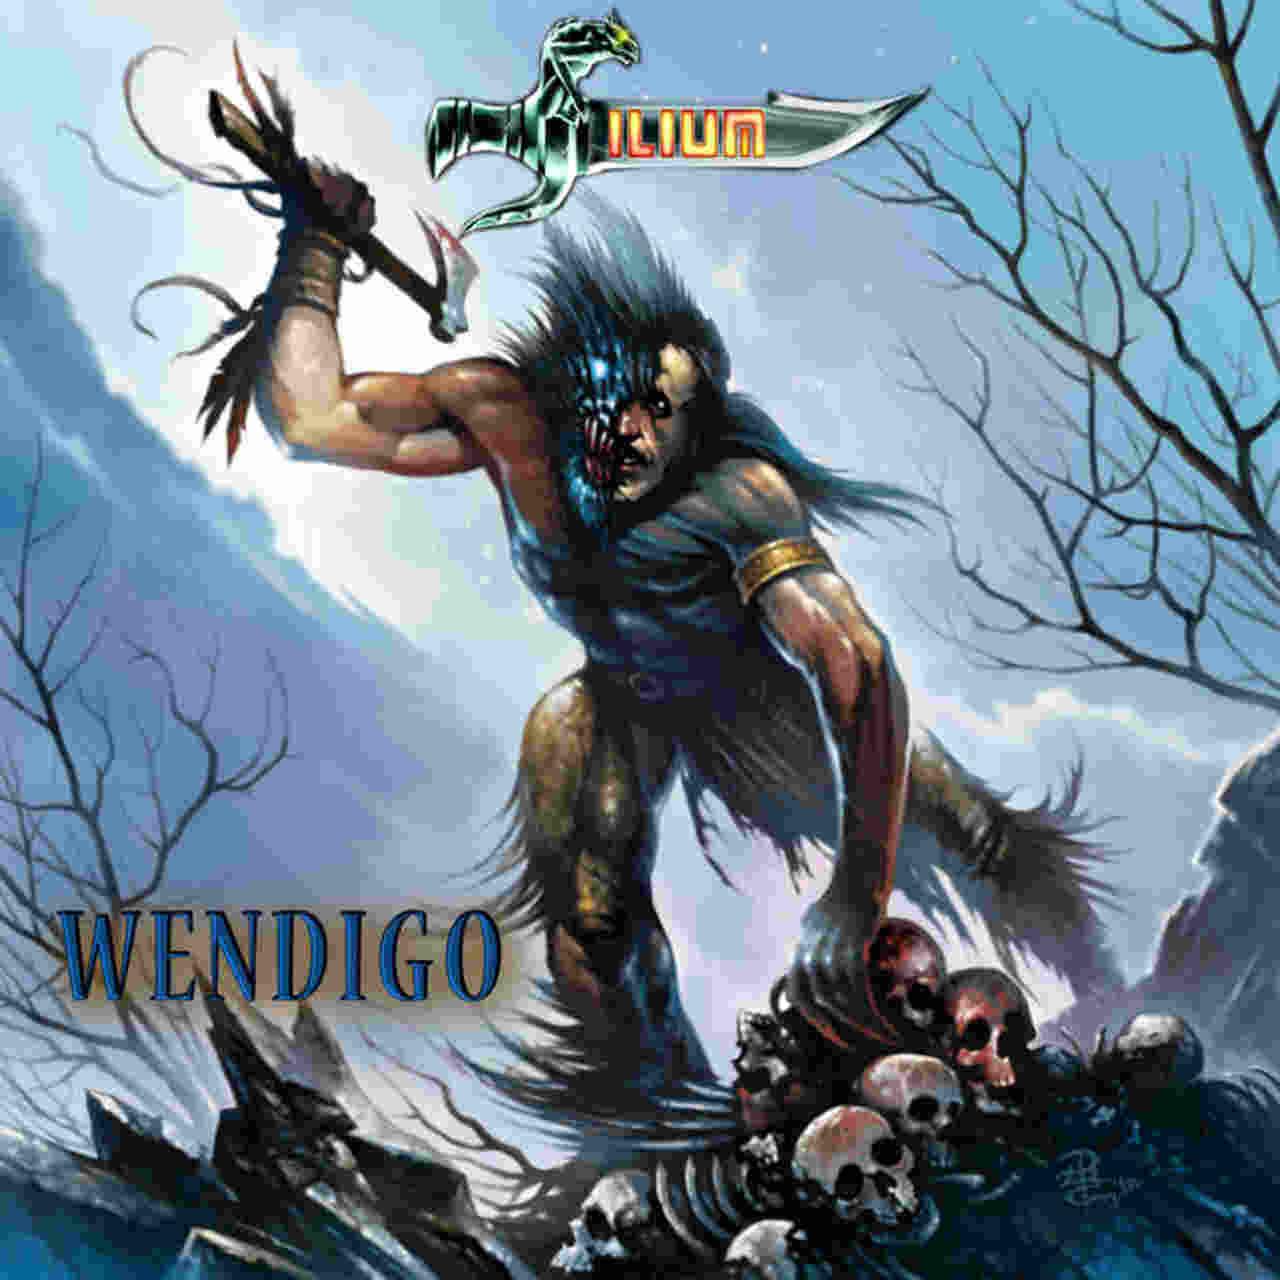 Ilium - Wendigo